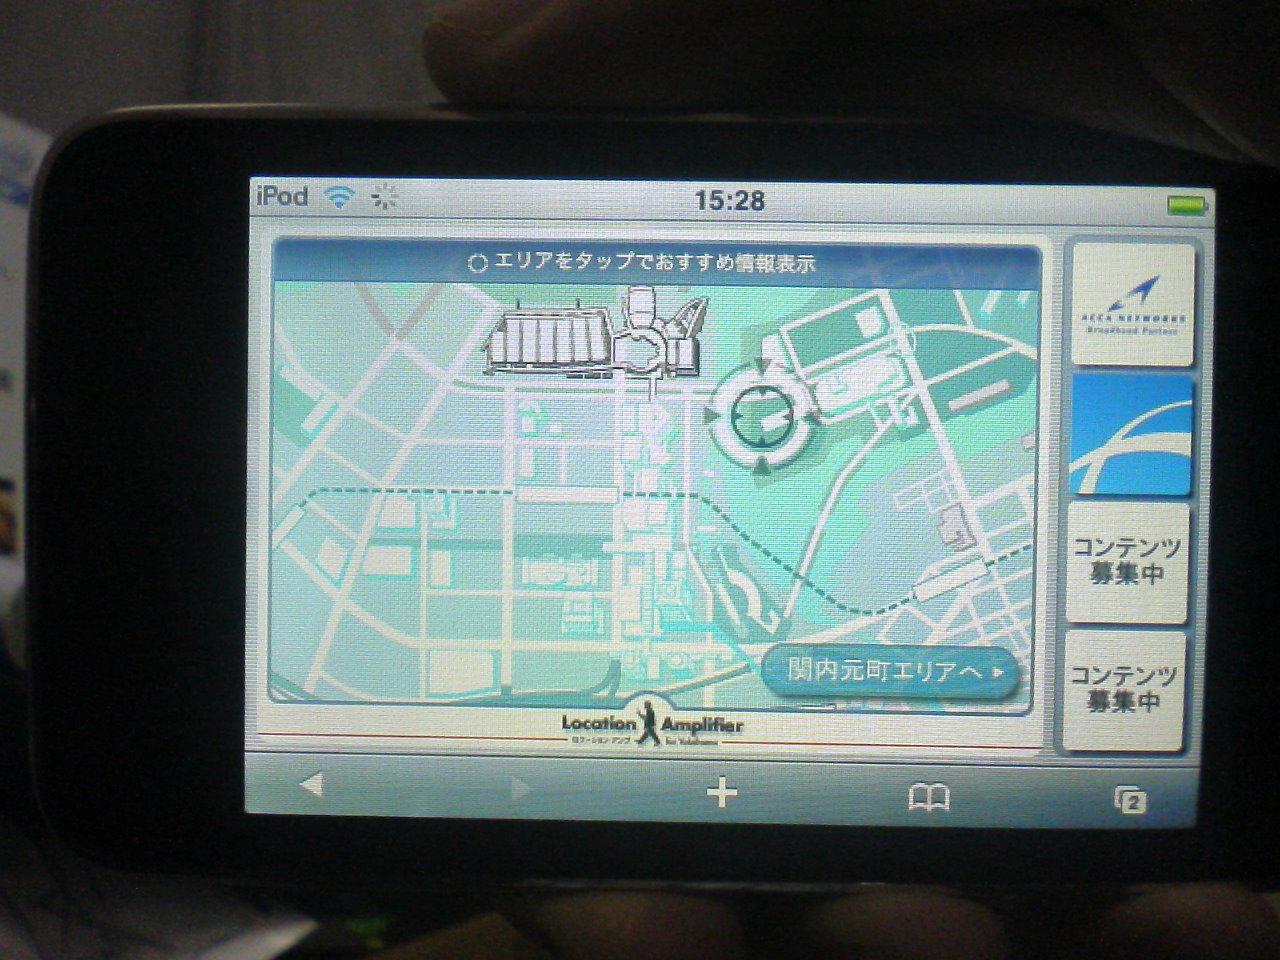 横にすると地図モード♪